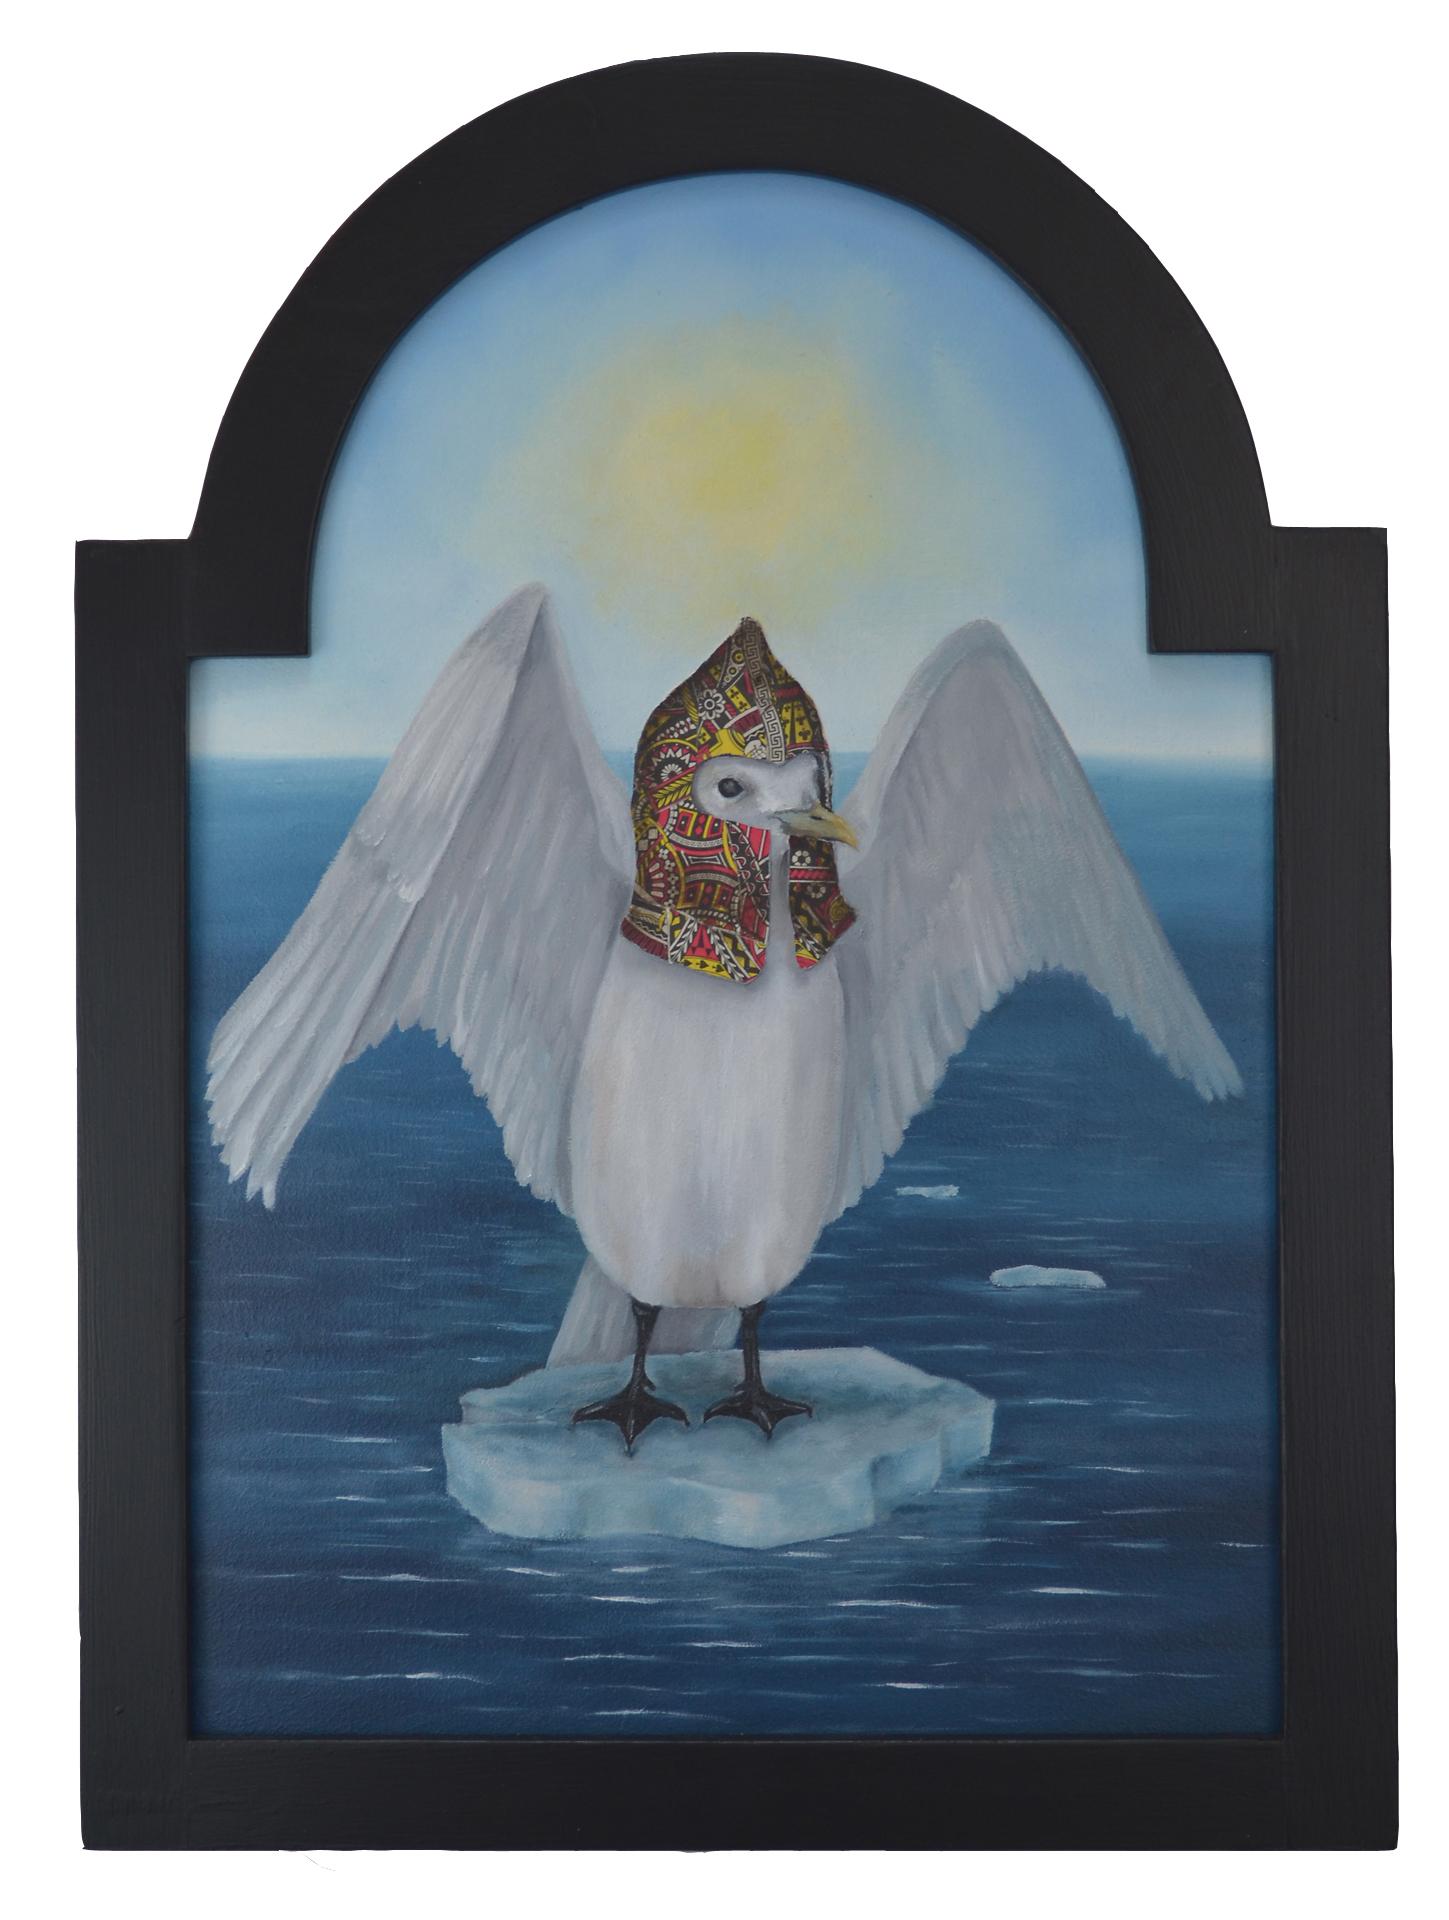 Precautions- Ivory Gull